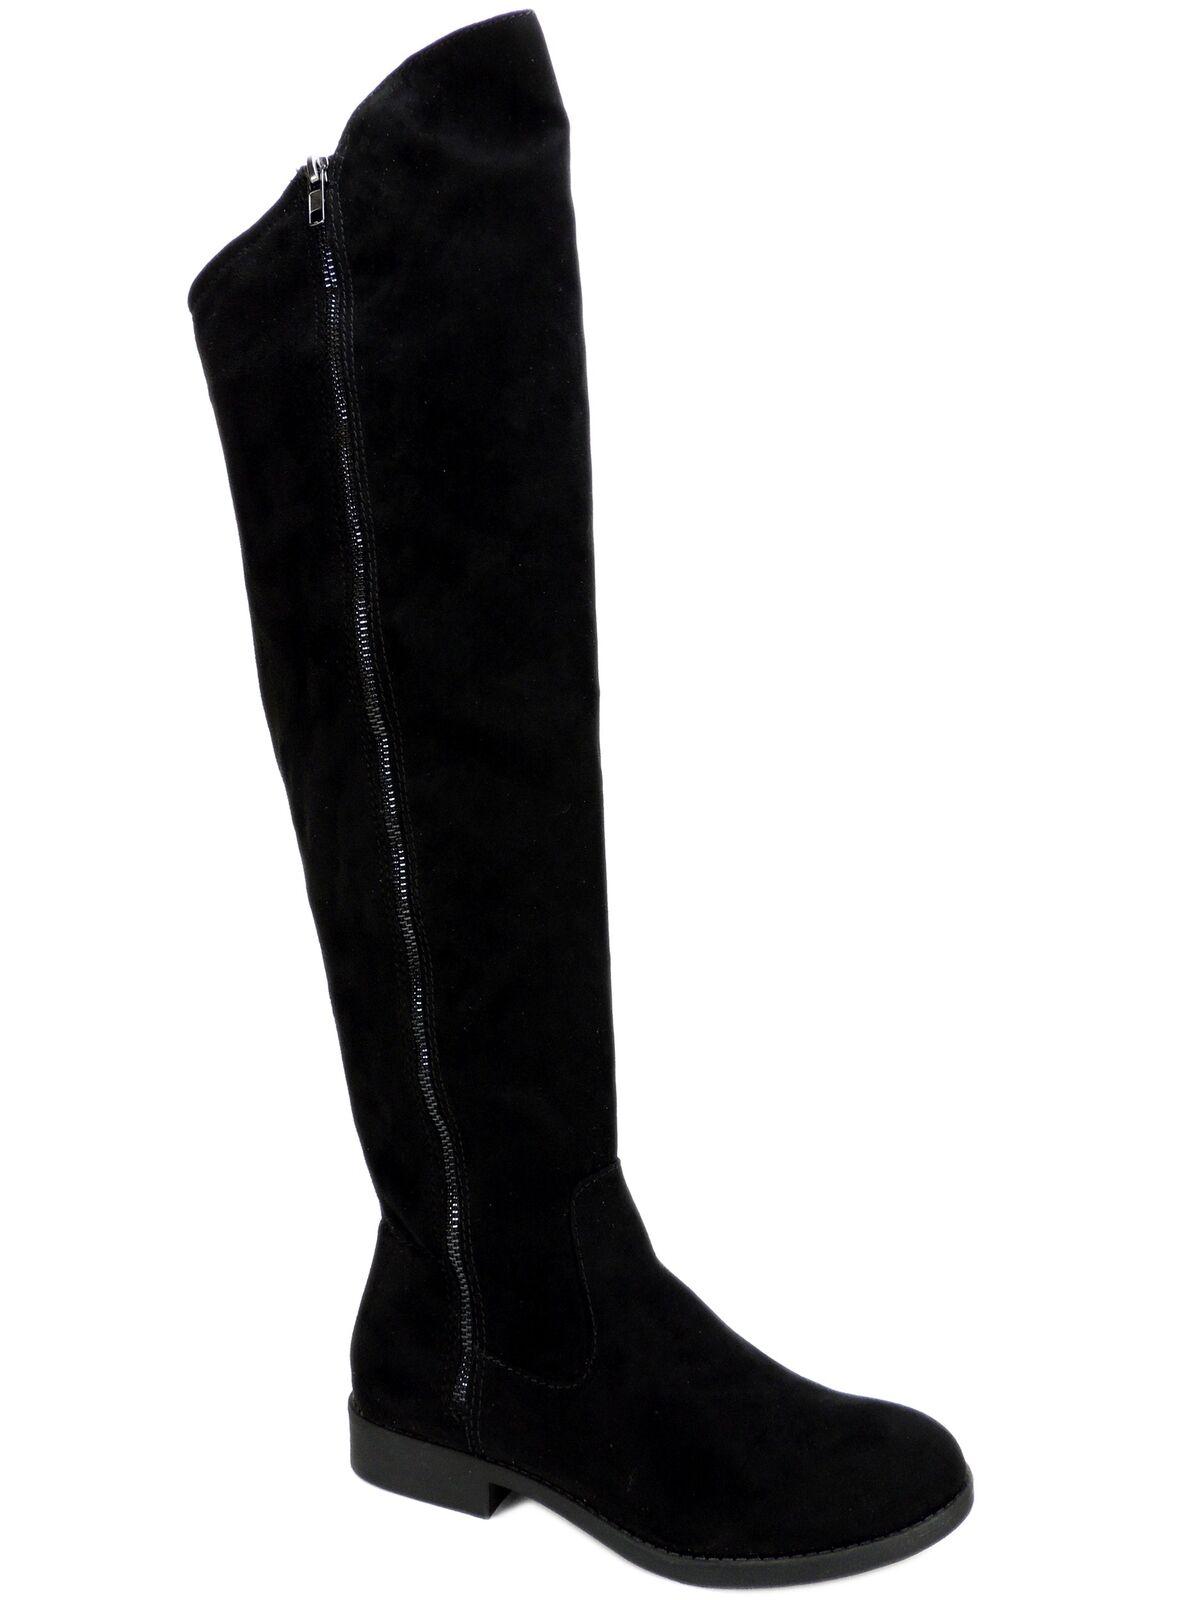 Style & Co. Co. Co. de mujer hadleyy sobre la rodilla botas Negras Talla 5.5 M  tienda en linea